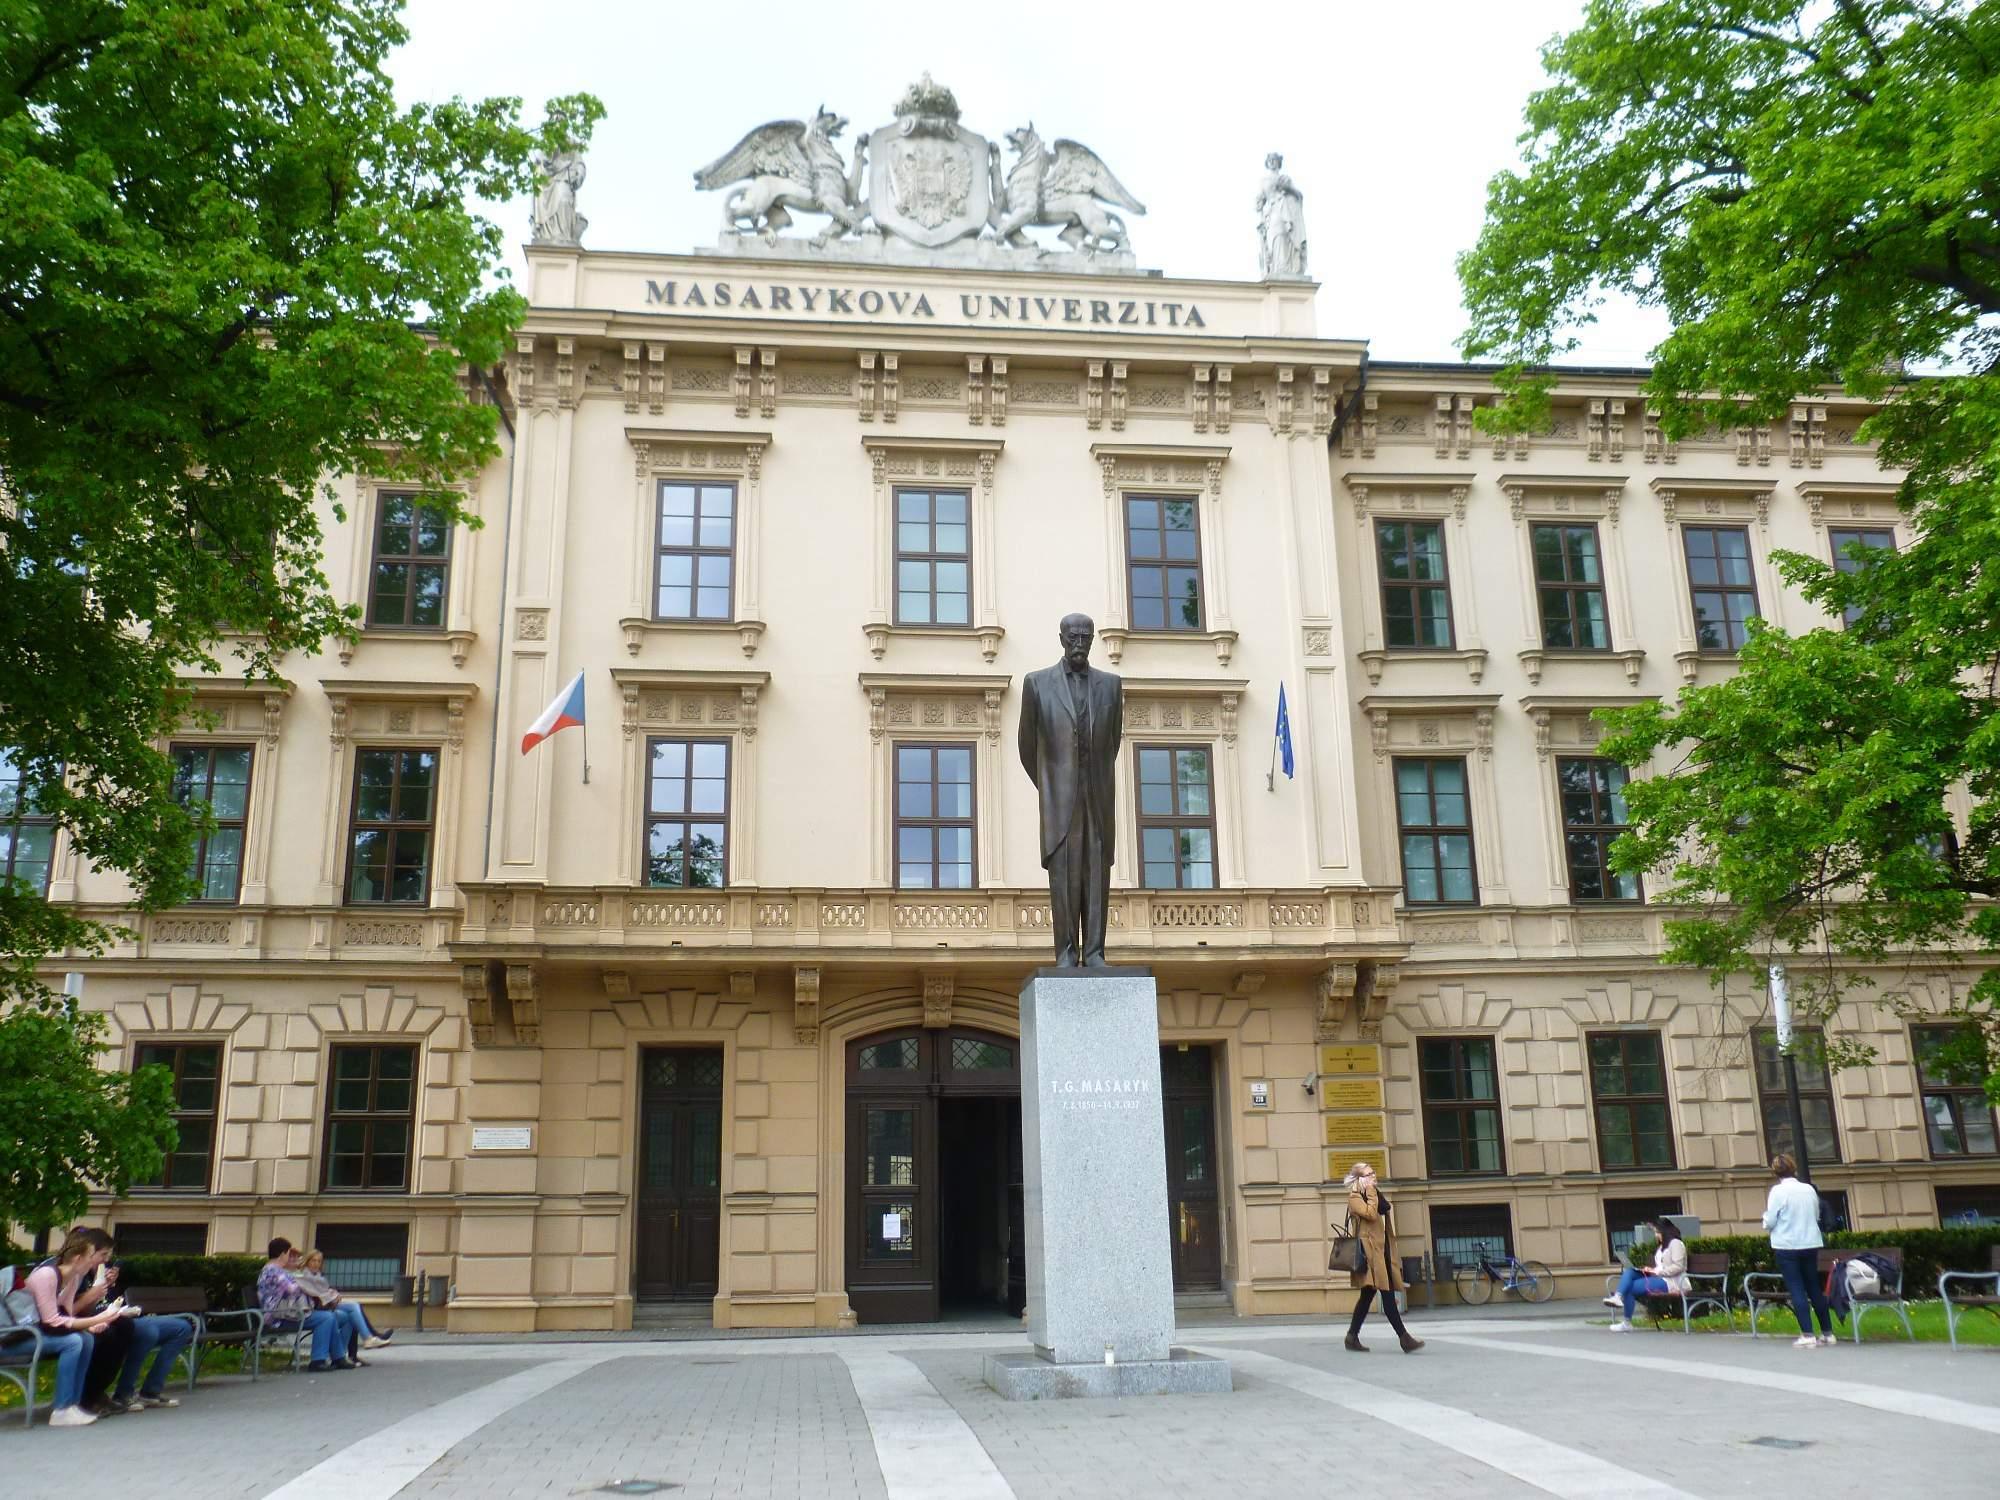 Původně mezi německé stavby patřila i Lékařská fakulta a Fakulta sociálních studií Masarykovy univerzity. Foto:Kristýna Hortvíková